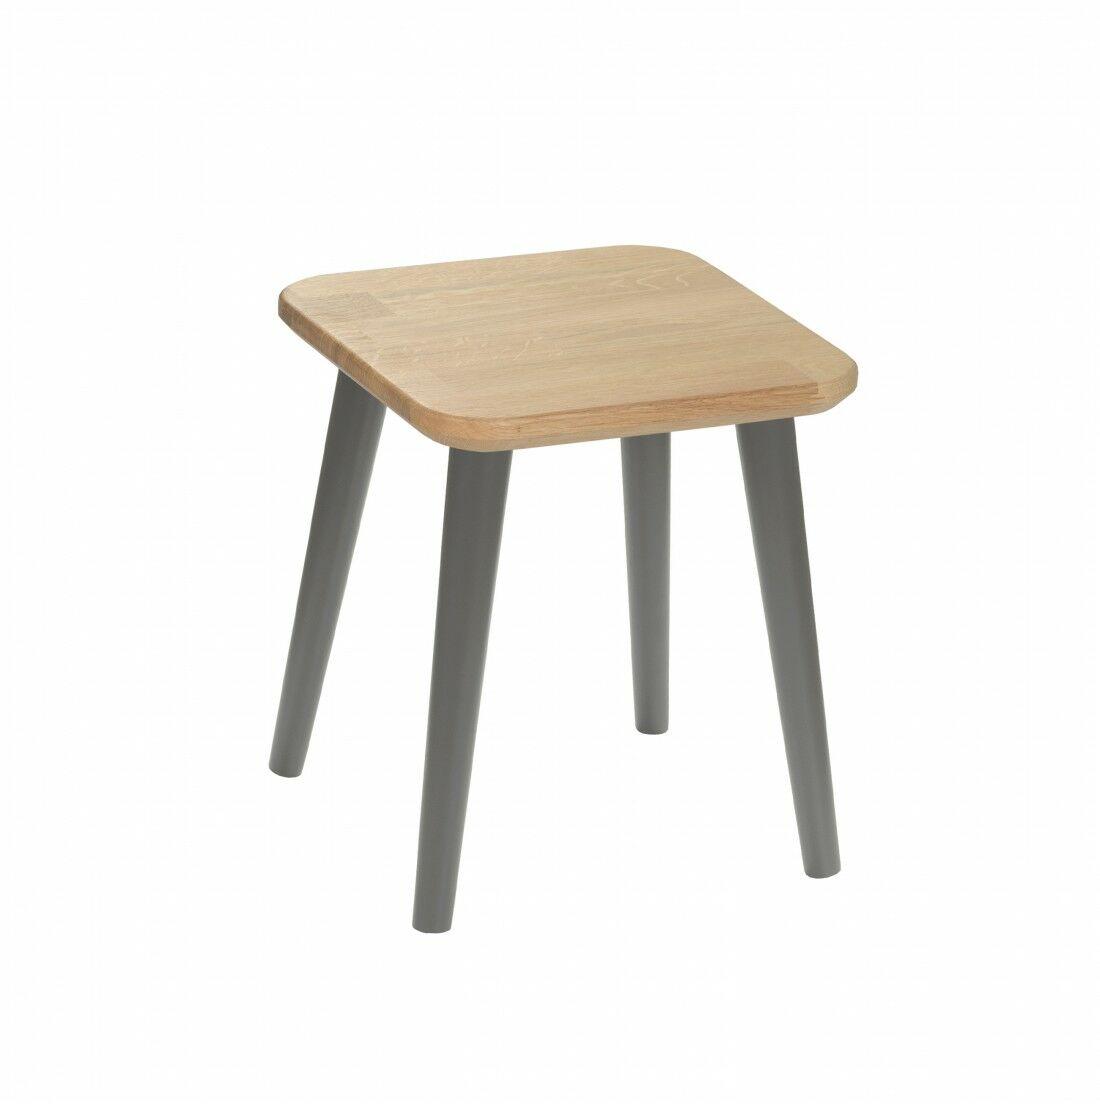 Taboret kwadratowy z litego dębu Modern Oak, Wykończenie nogi - Grafit, Wysokość - 340, Wymiar siedziska - 300x300